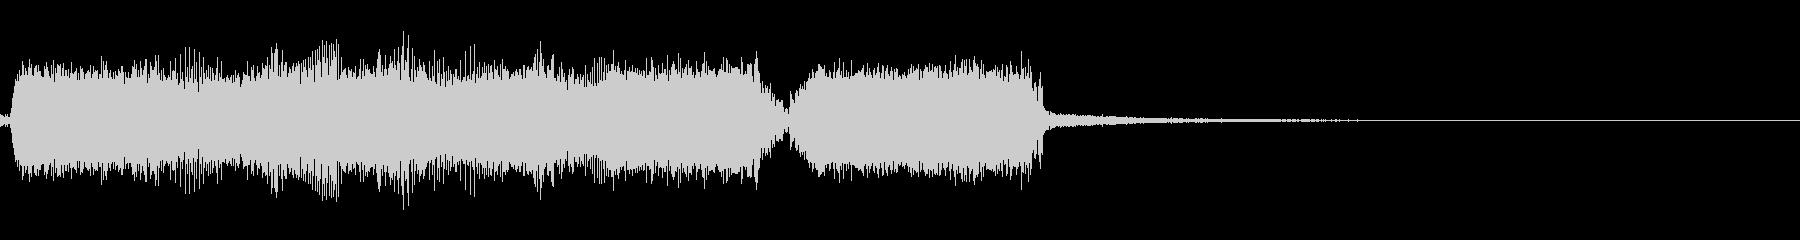 エレキ一本による踏みならすようなジングルの未再生の波形